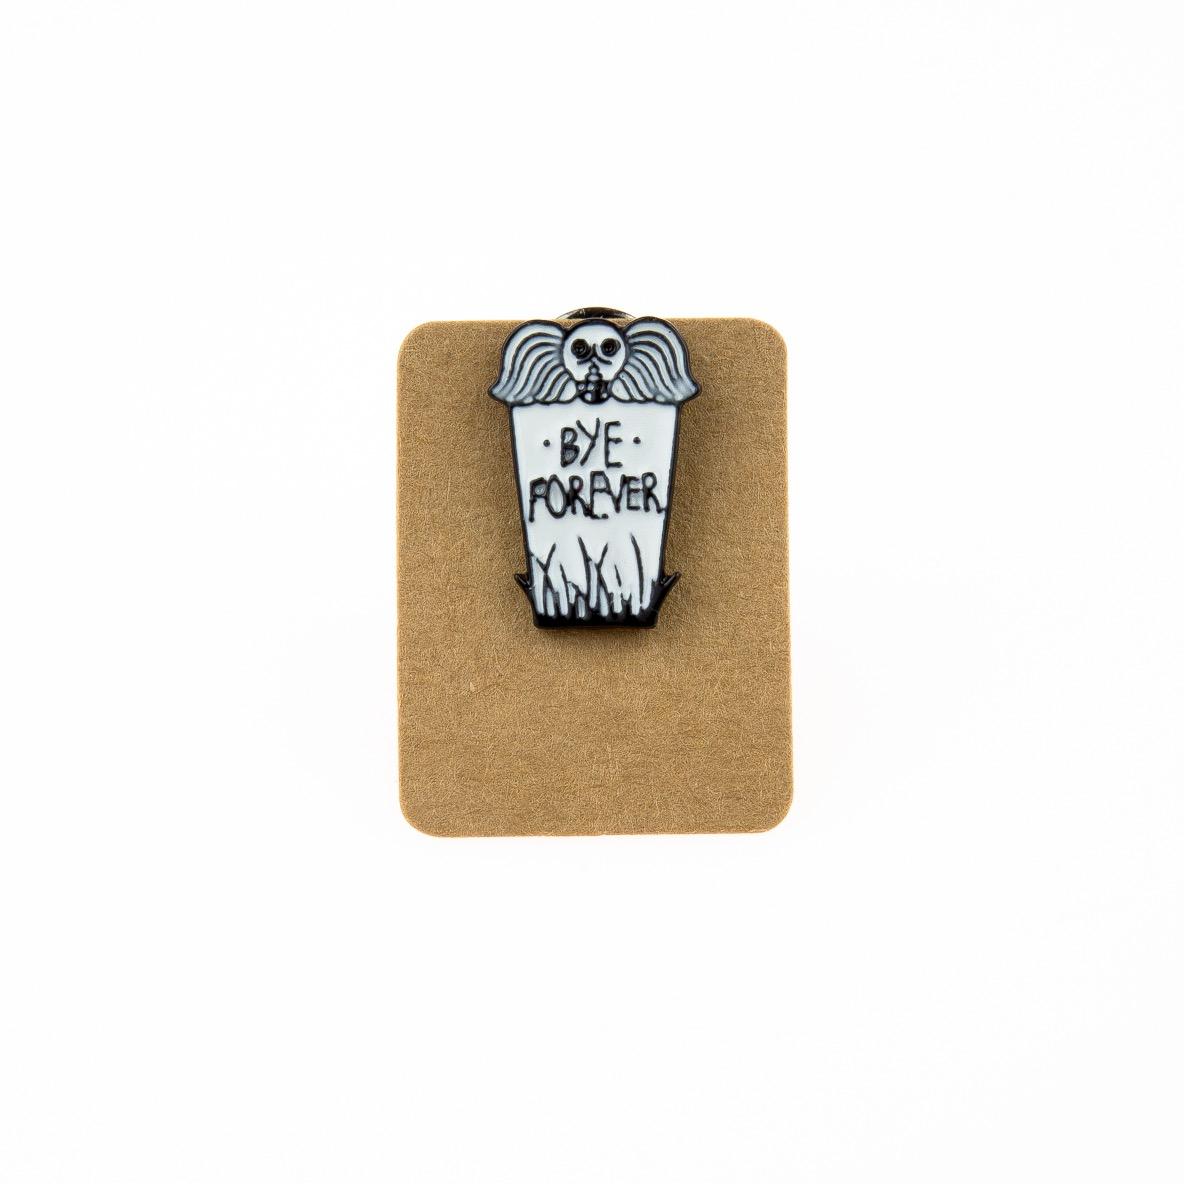 Metal Cups Bye Forever Enamel Pin Badge